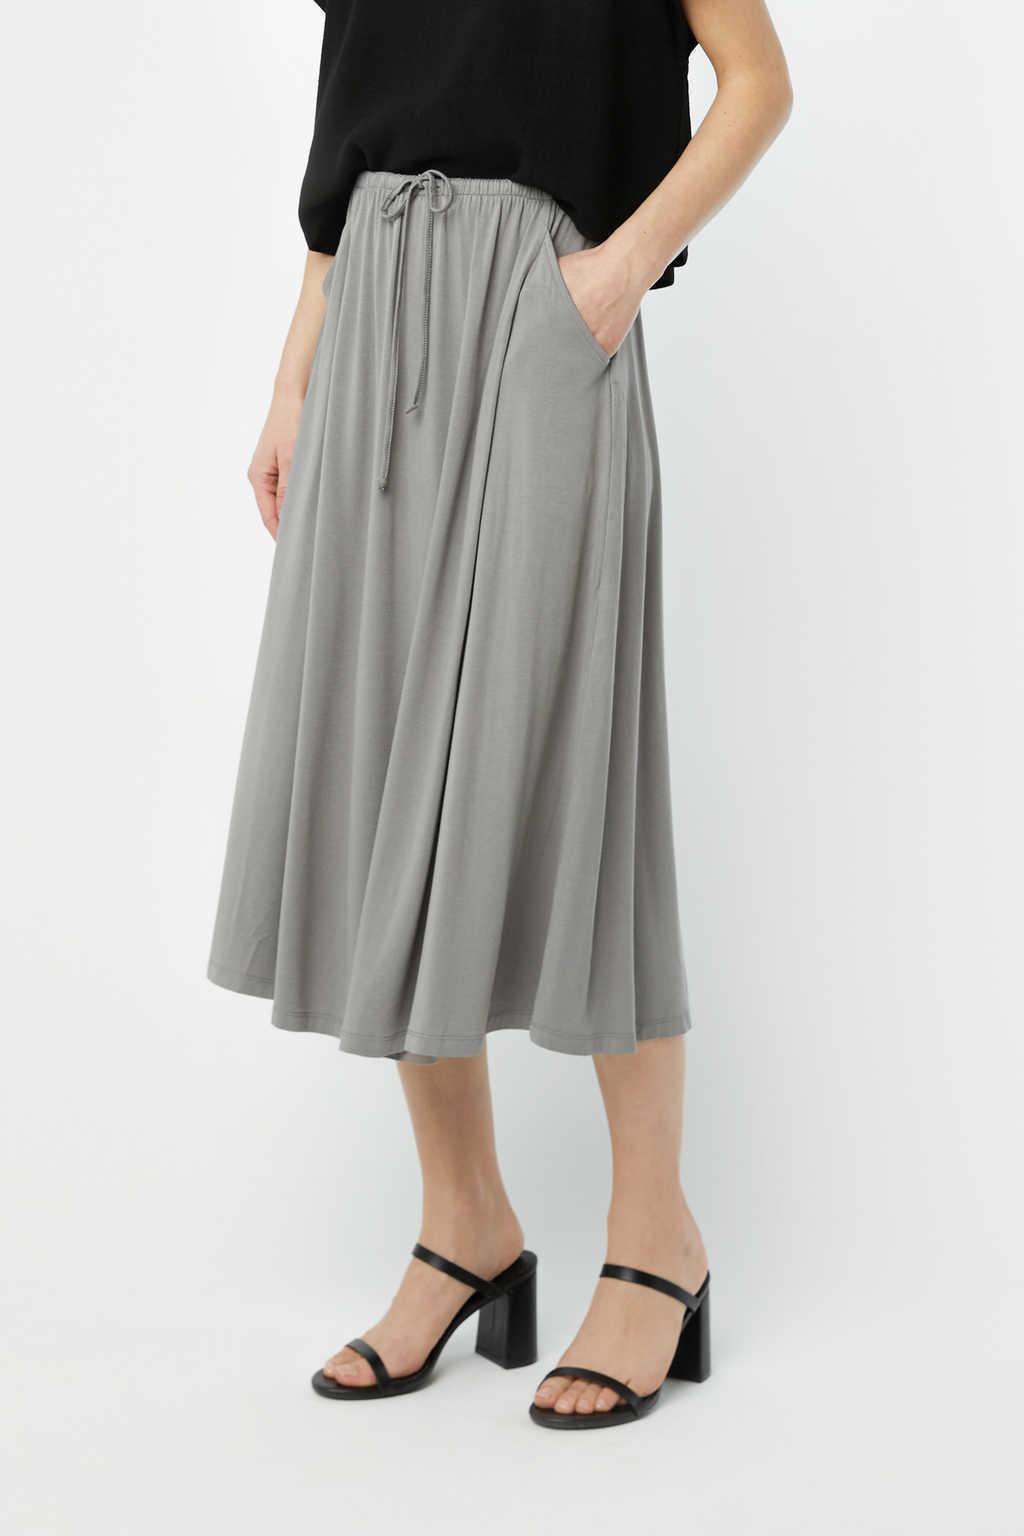 Skirt 3218 Gray 3